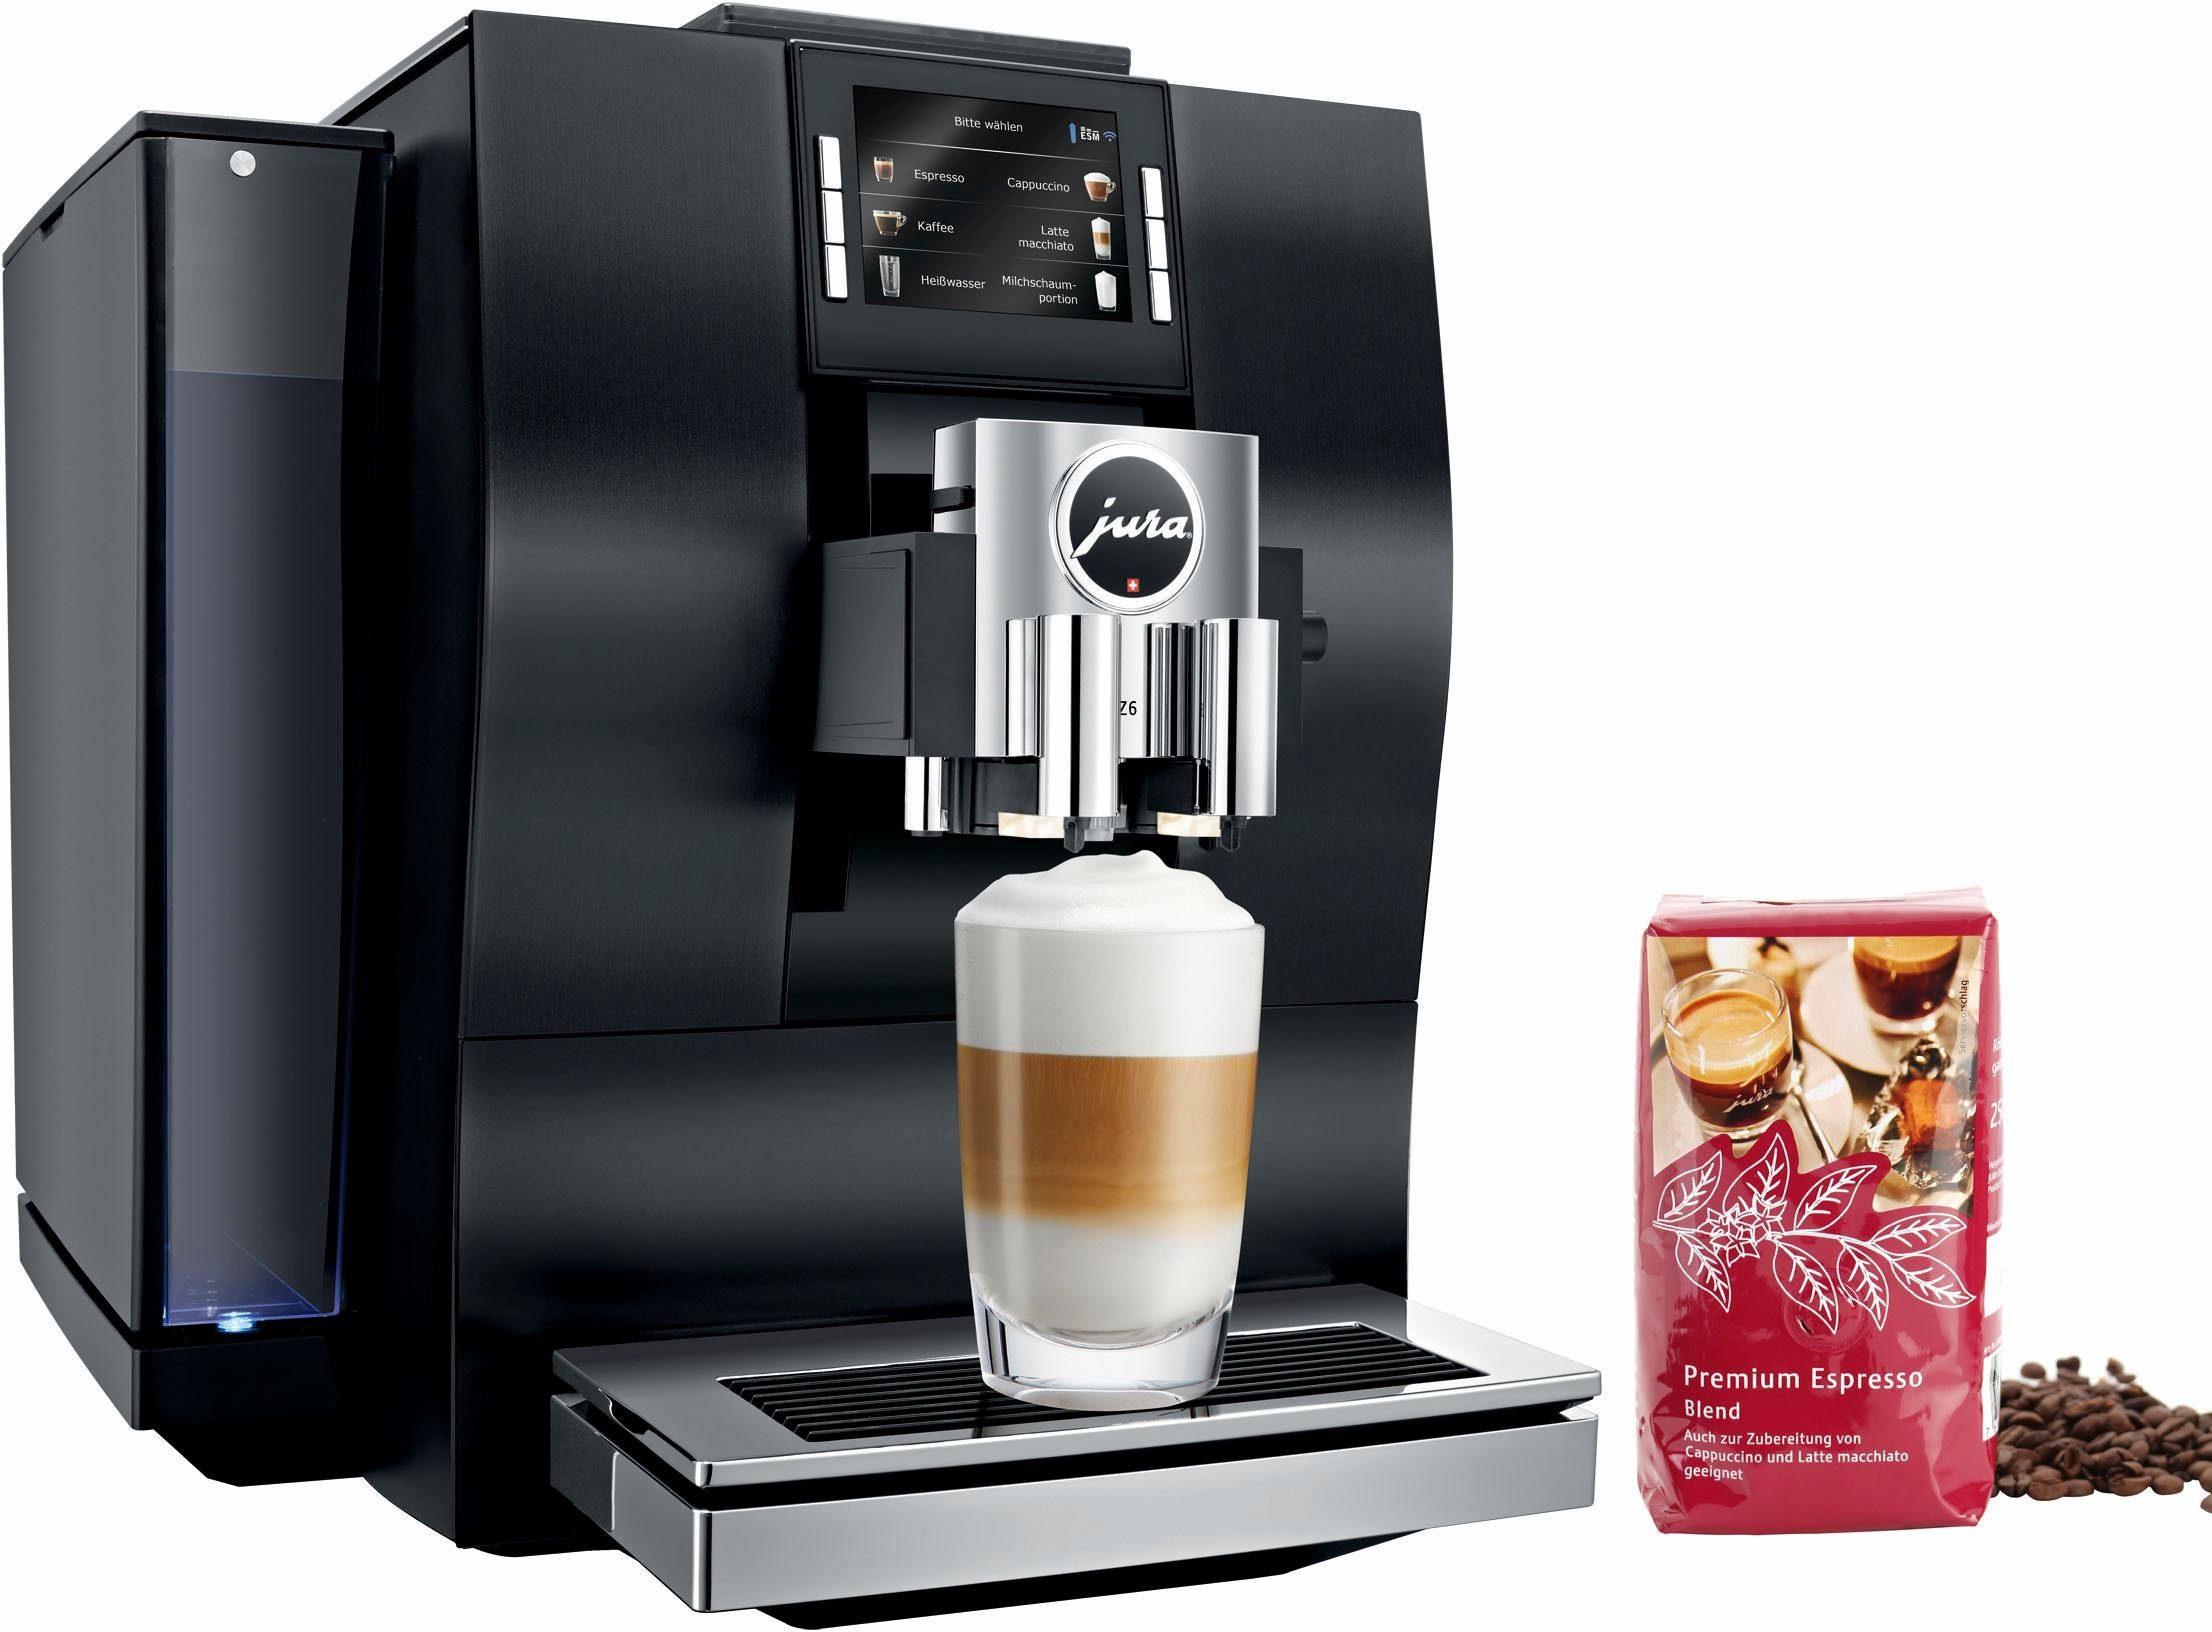 Jura Kaffeevollautomat 15231 Z6 Aluminium Schwarz, Kompatibel mit JURA Coffee App, Wireless ready